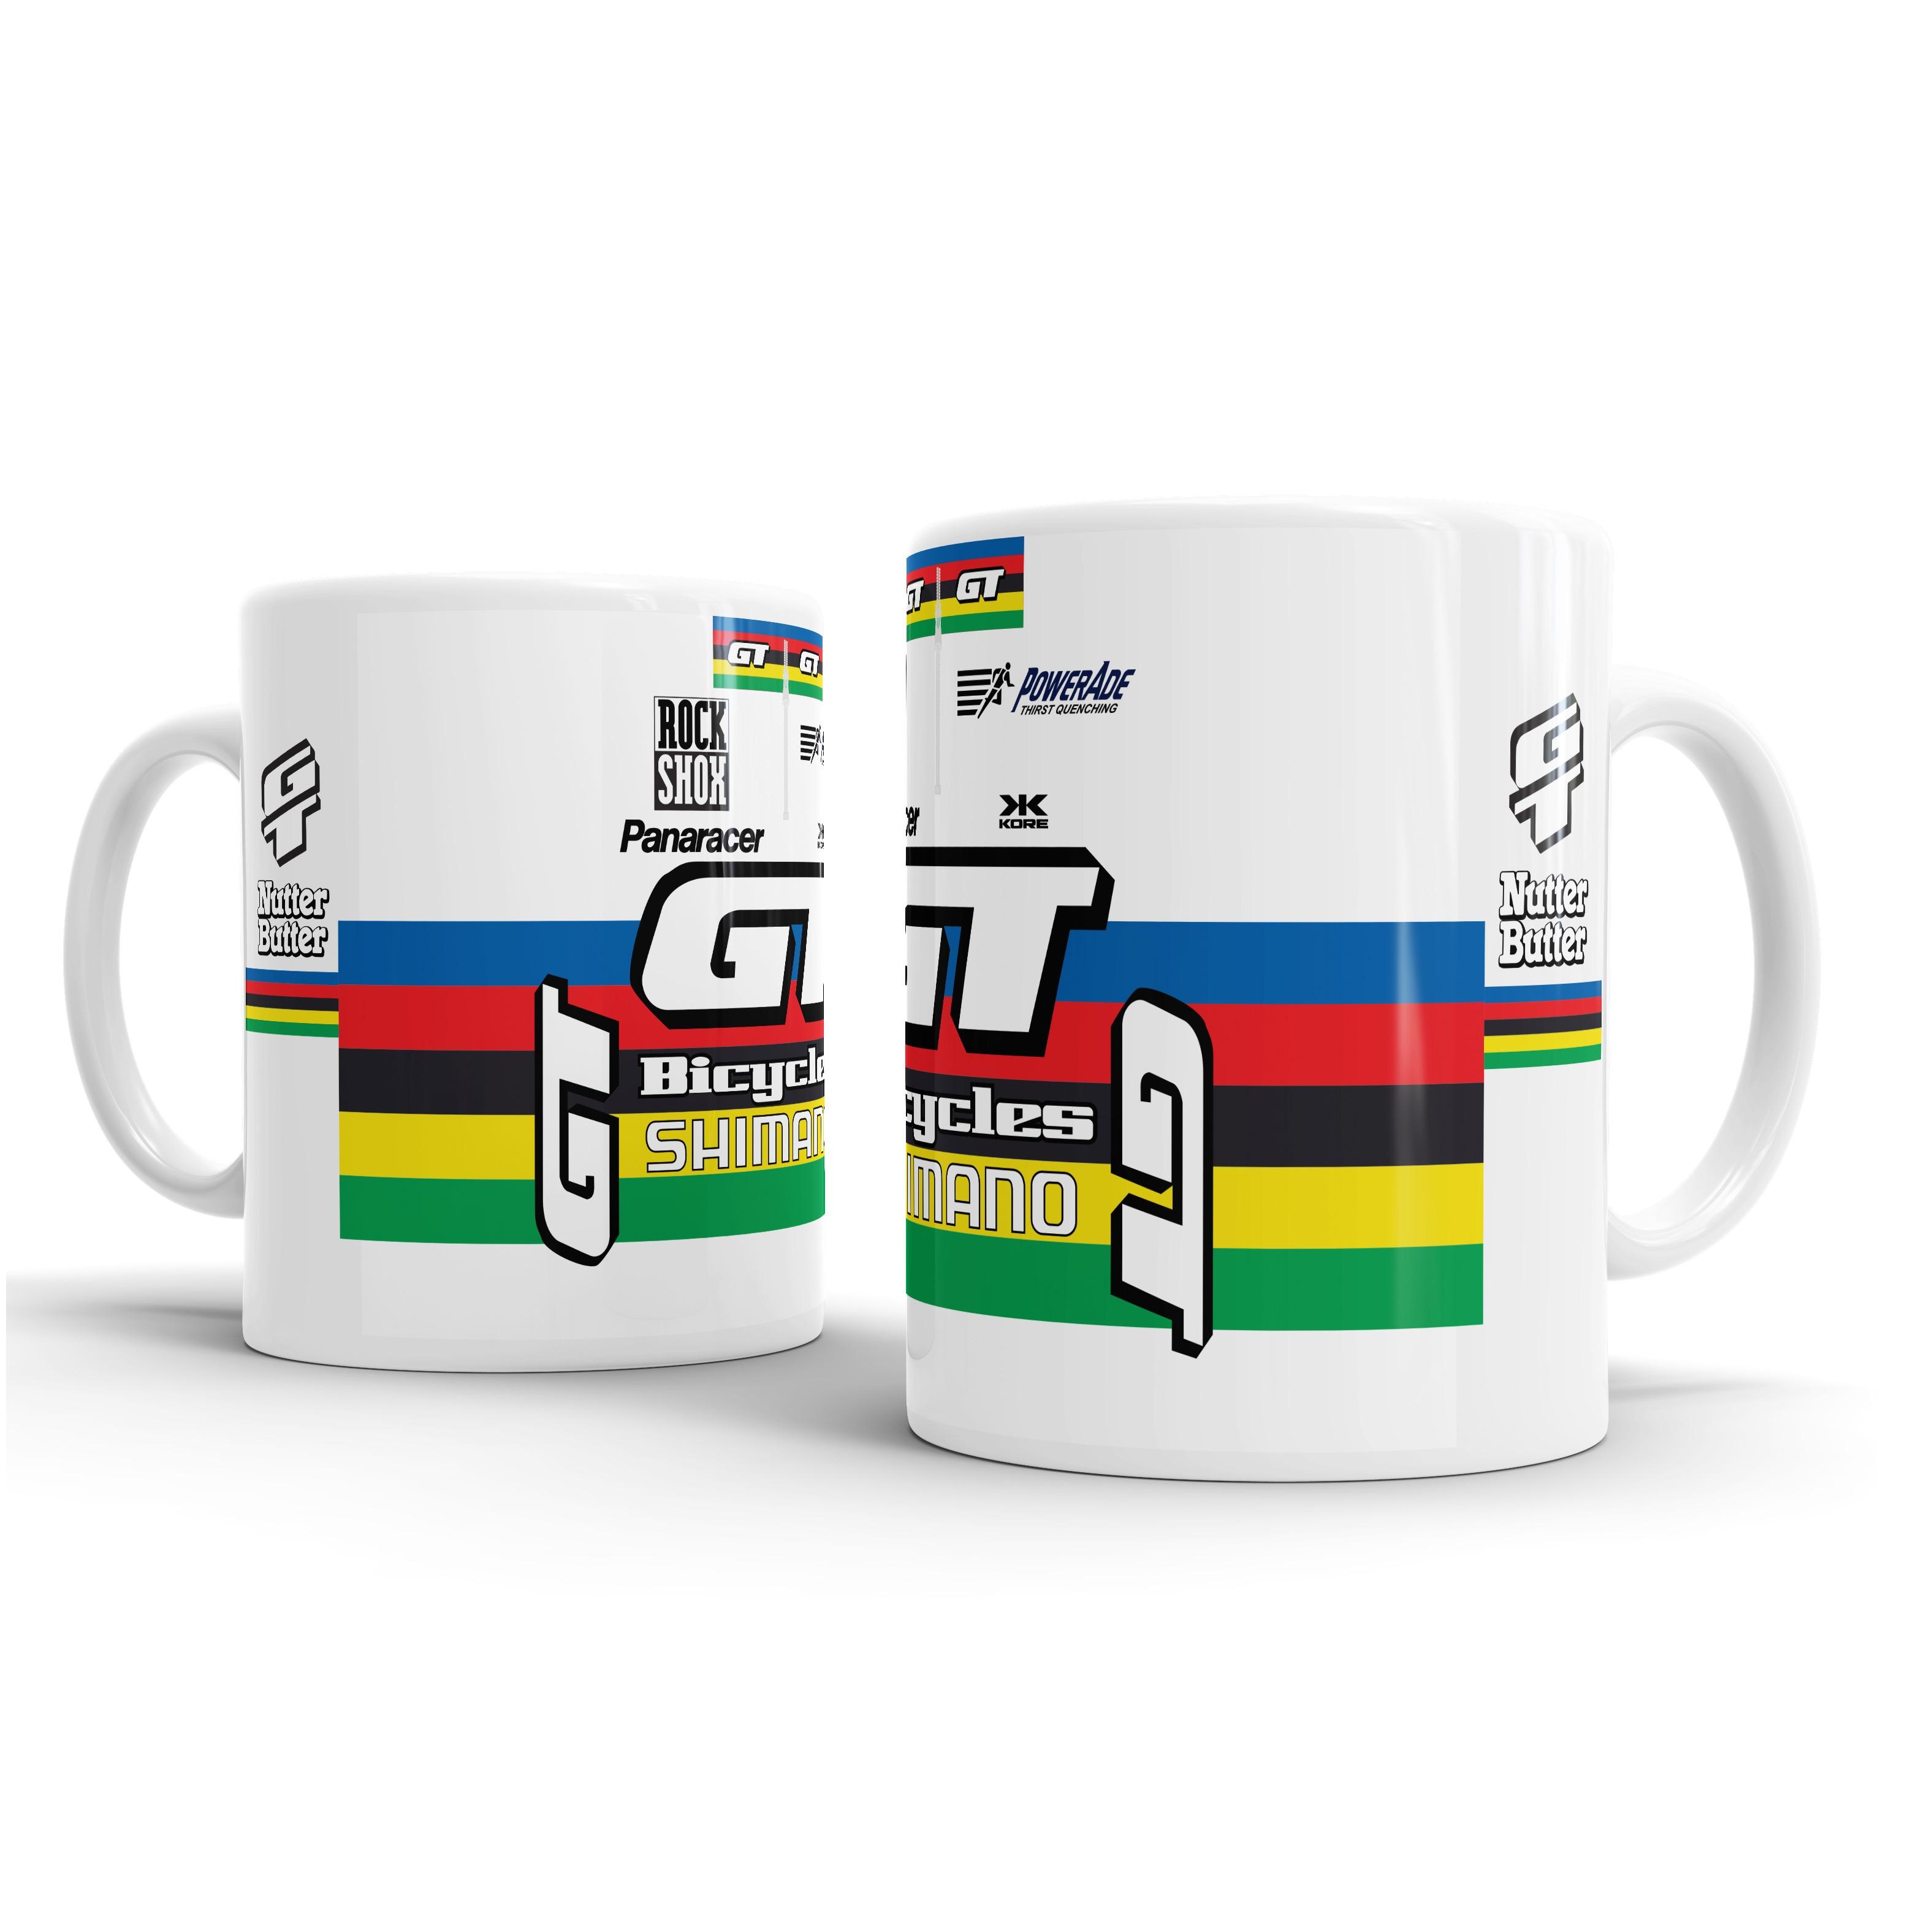 Bike Ninja Jalabert Cycling Zulle ONCE Yellow Retro Jersey Mug Coaster